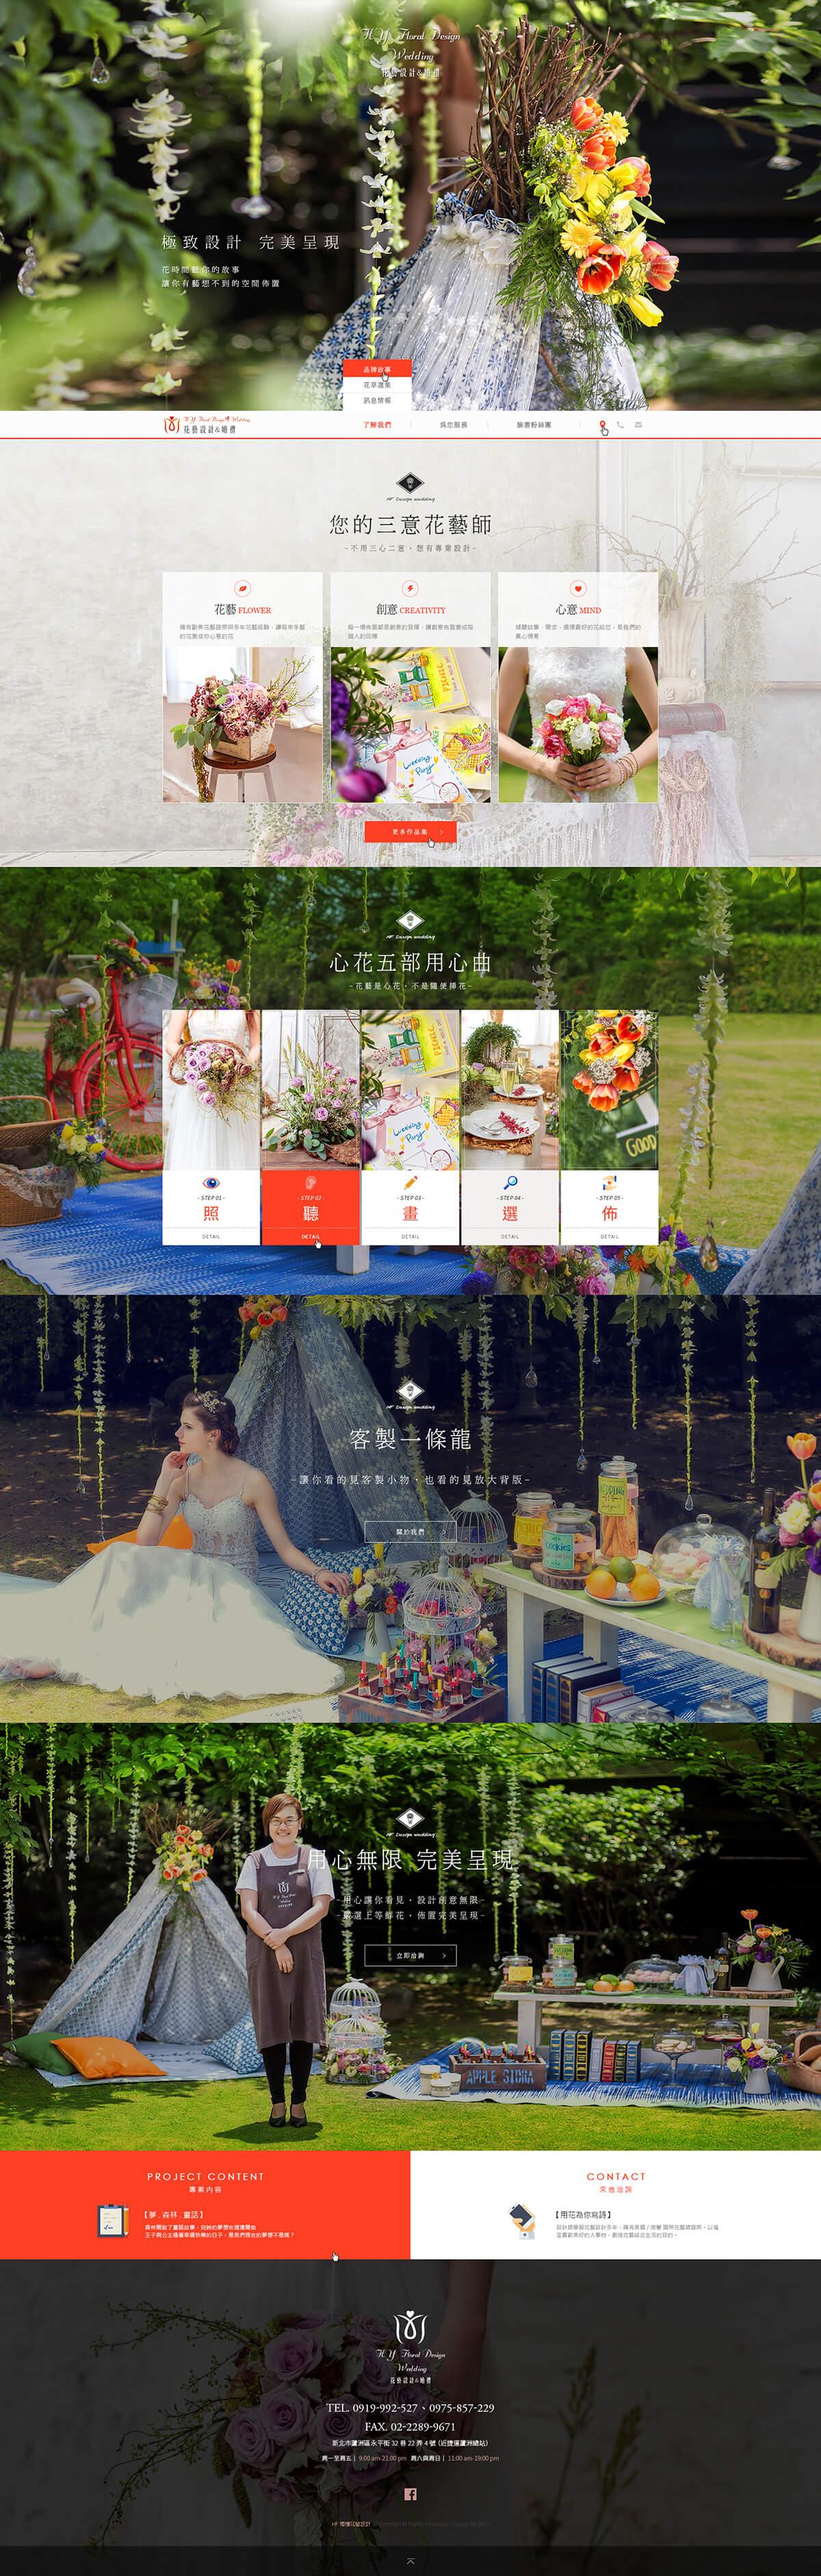 HF 婚禮花藝設計-網頁設計